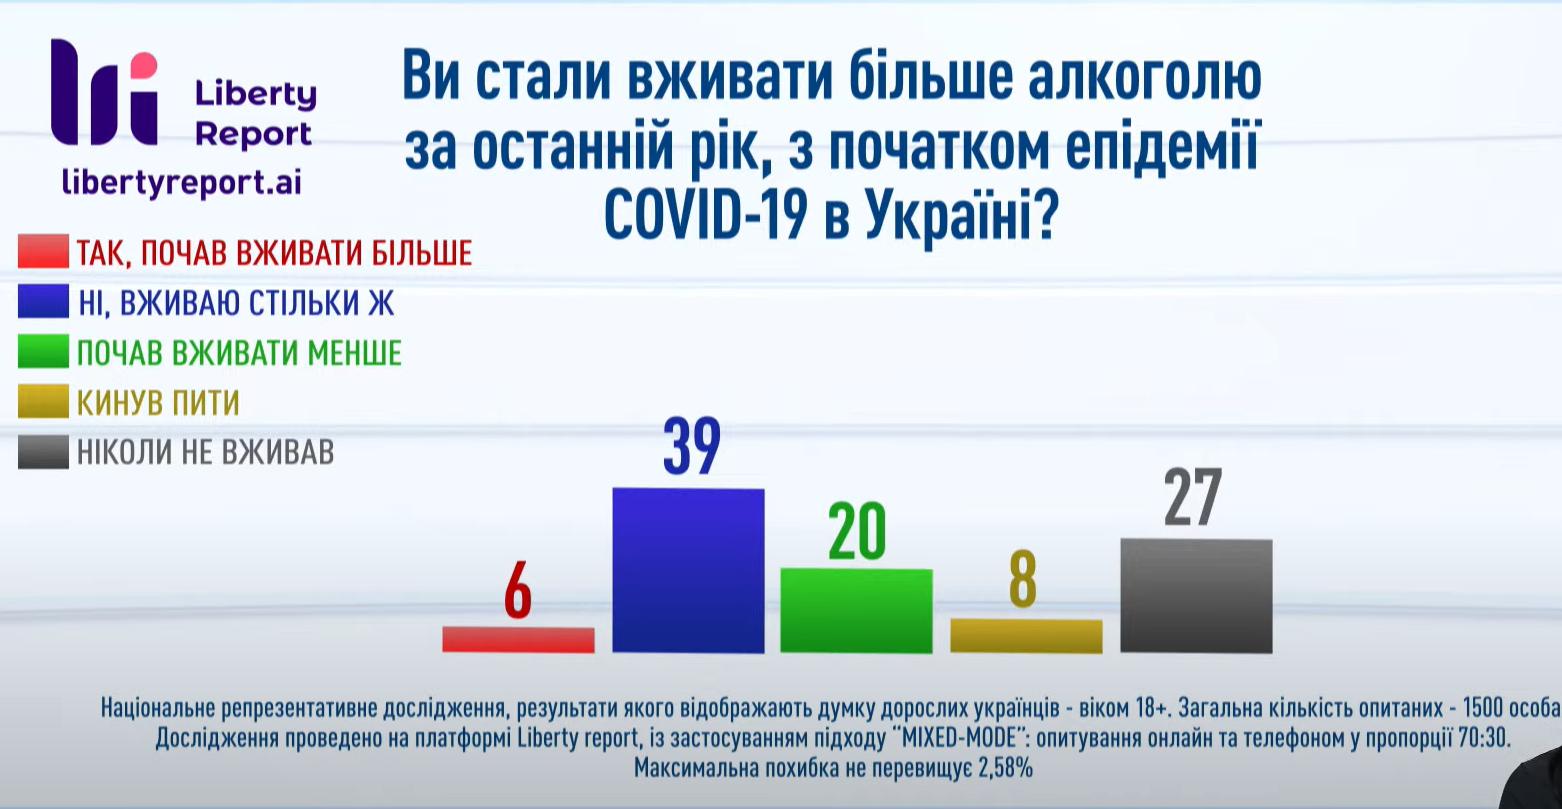 Вживання алкоголю в Україні.